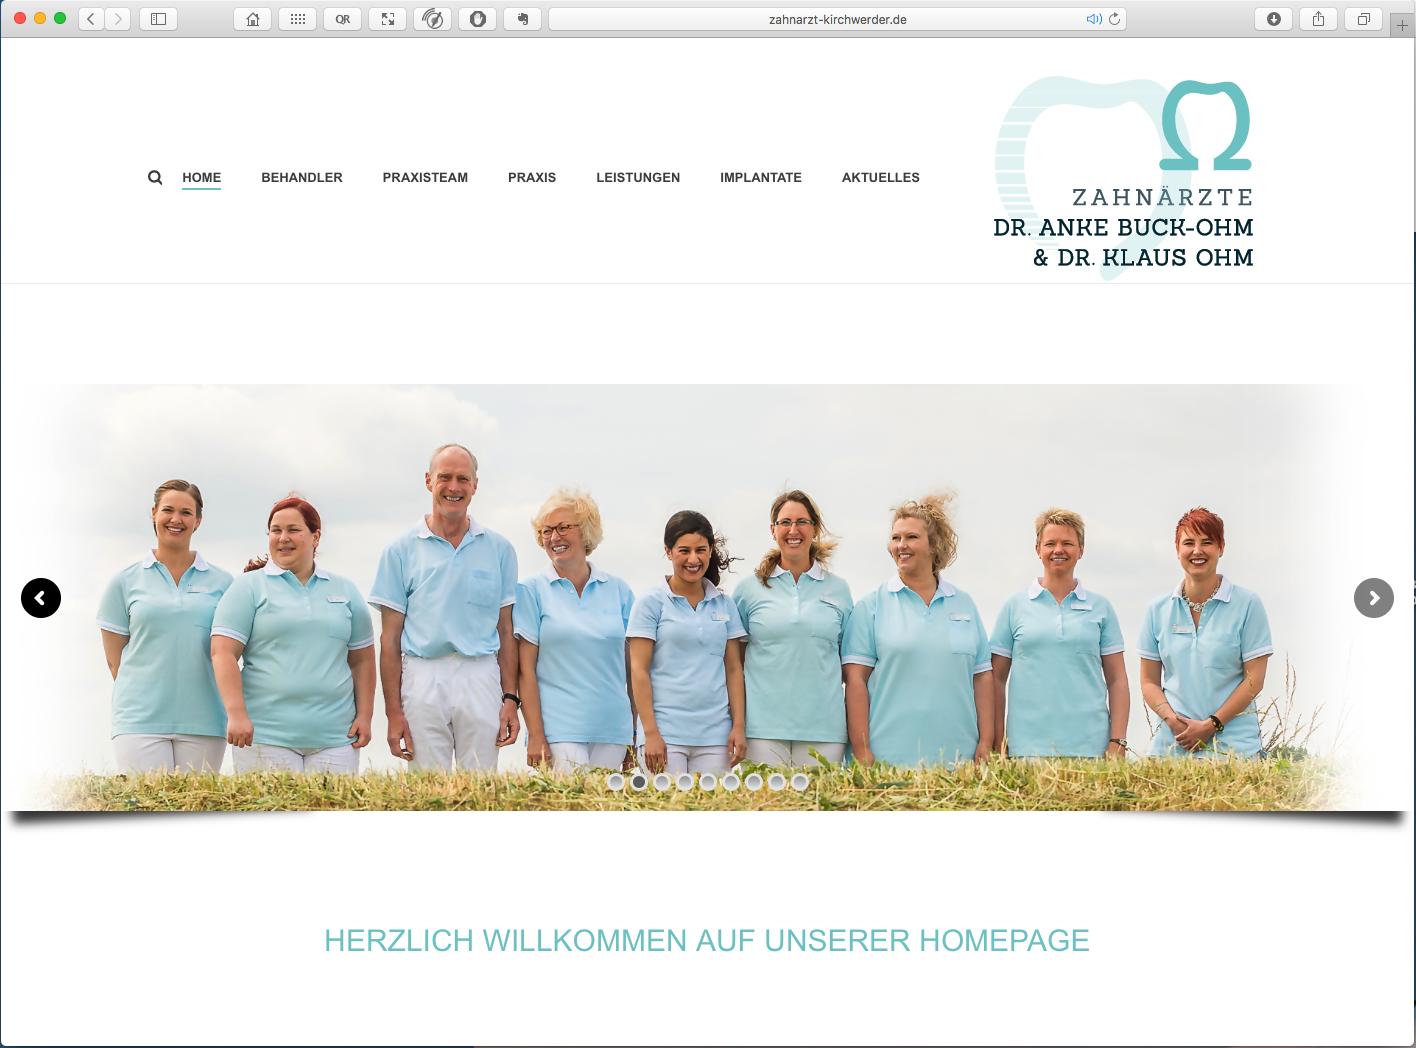 webdesign-zahnarzt-kirchwerder-buck-ohm